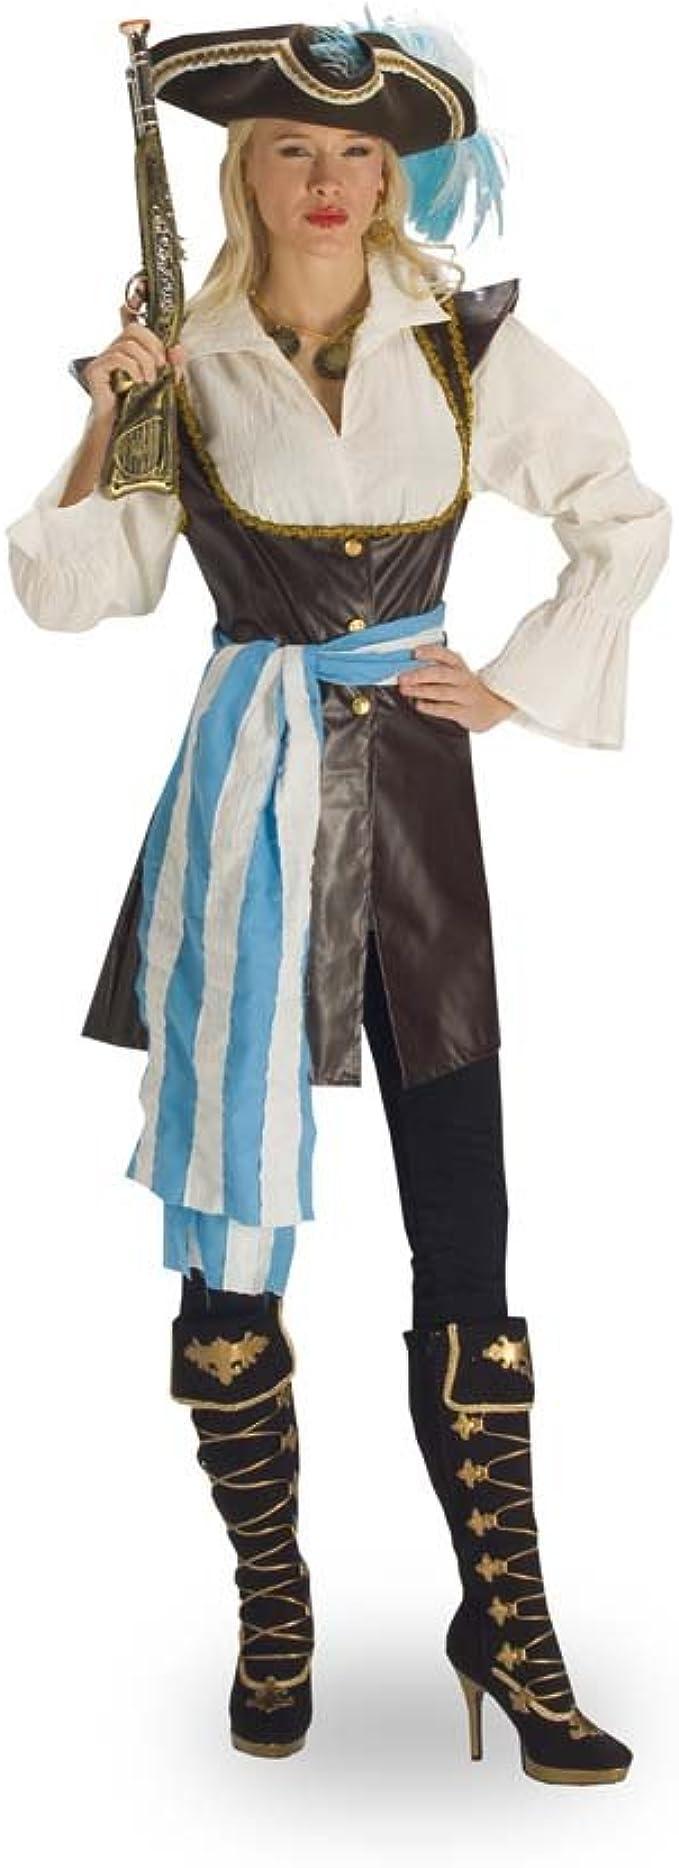 Elbenwald Disfraz de Pirata para Mujer - Chaqueta con Blusa y Banda, Traje Sexy de Reina de los Mares para Combinar con Mallas y Botas - 36/38: Amazon.es: Ropa y accesorios